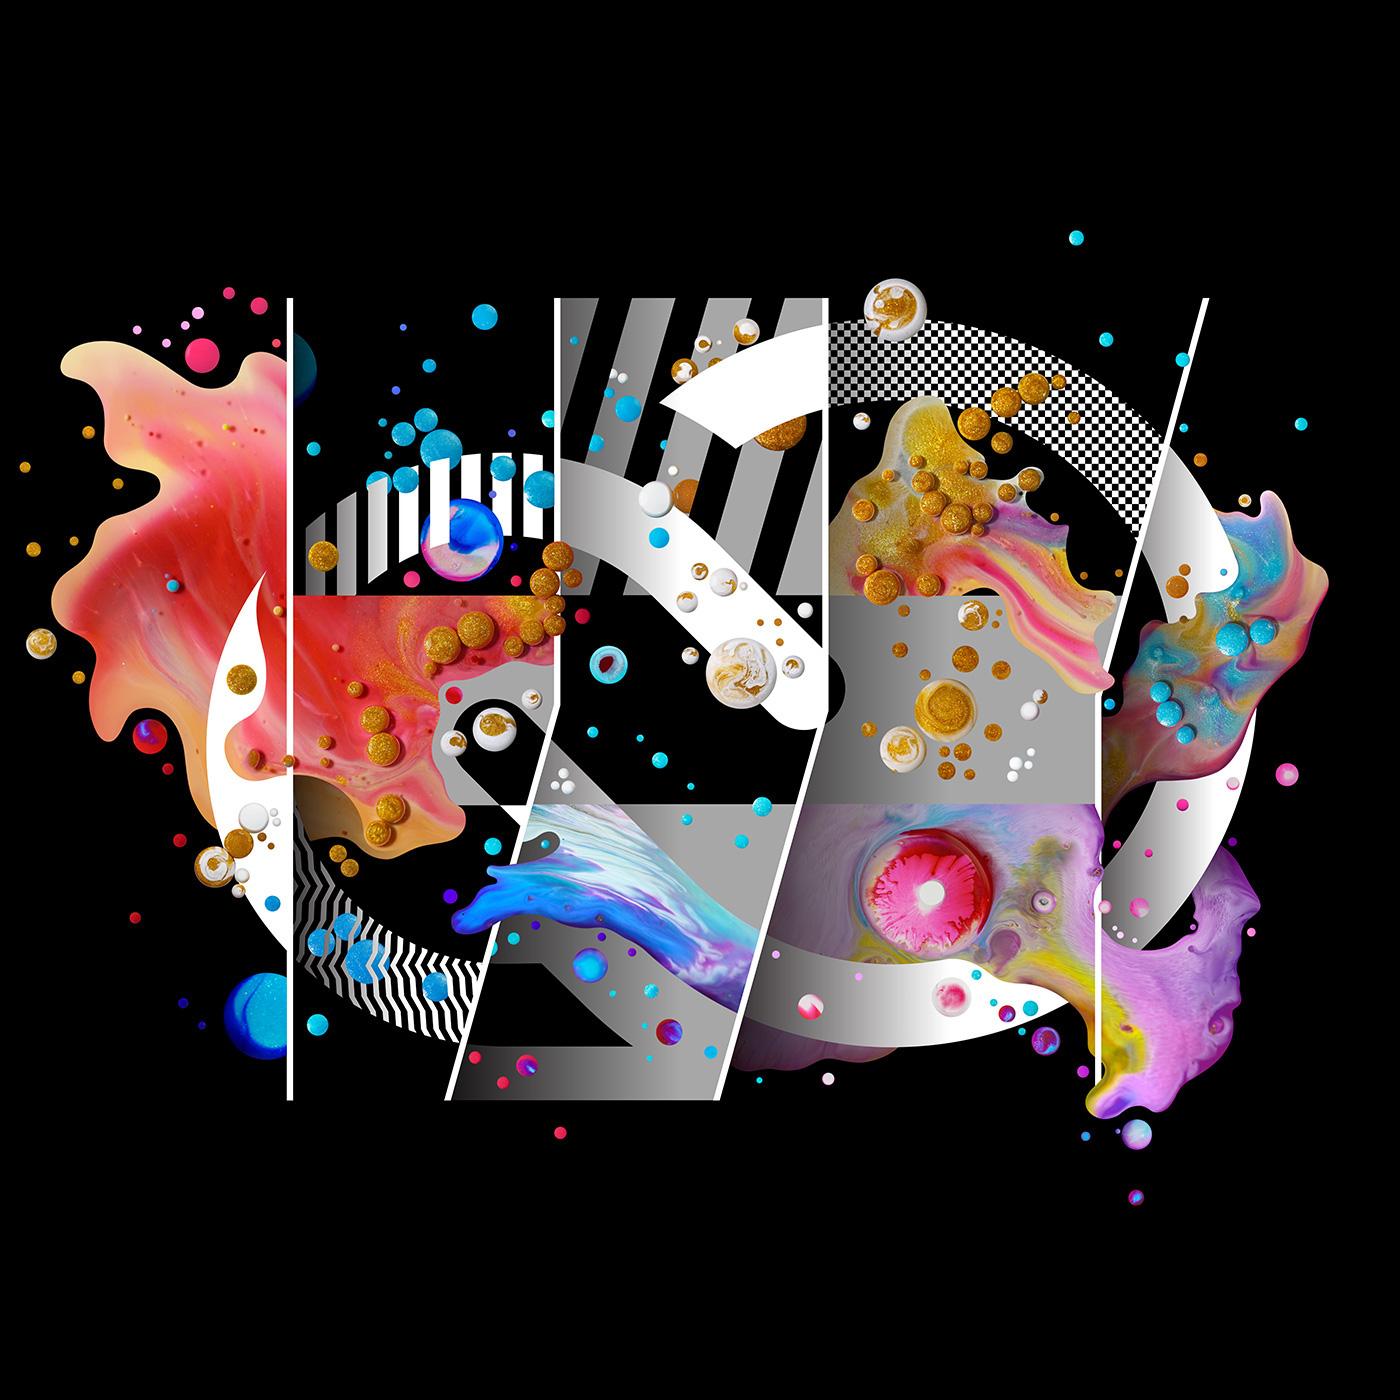 Final art for Adobe